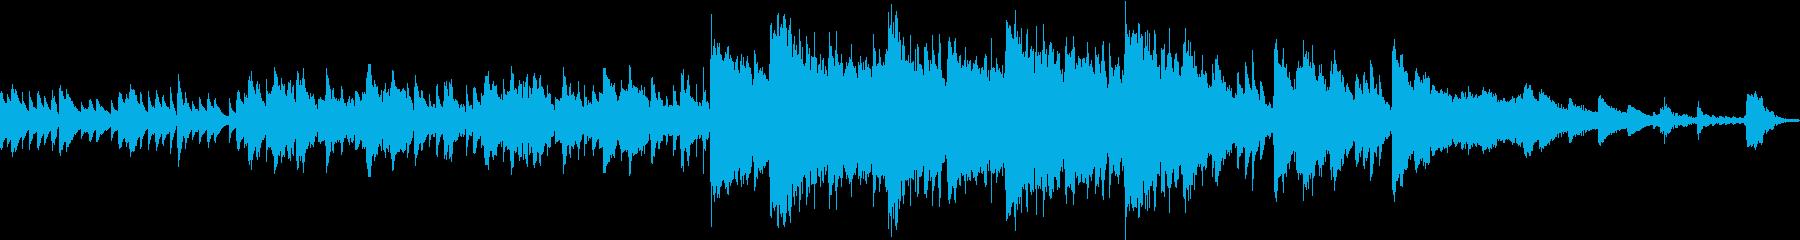 コミカルなキャラクターや場面に合うBGMの再生済みの波形